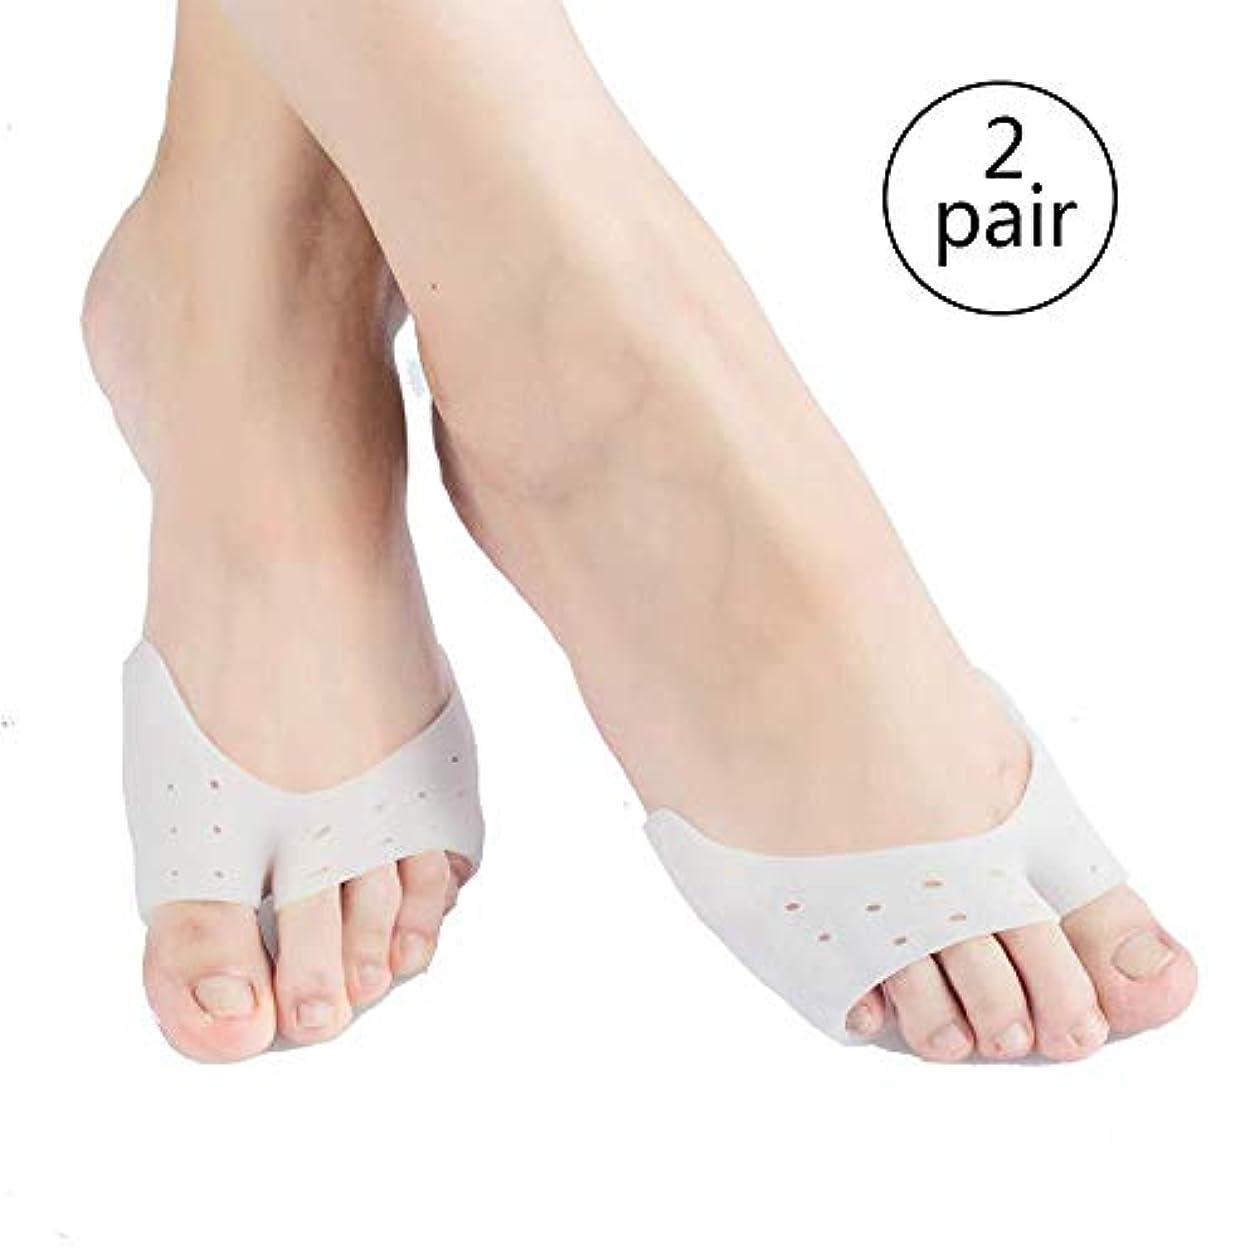 適応有益な一見足のセパレーター、足の親指のアライナー、足の親指の矯正、ナイトバニオンの寛解、男性と女性の外反母hallの痛みの緩和